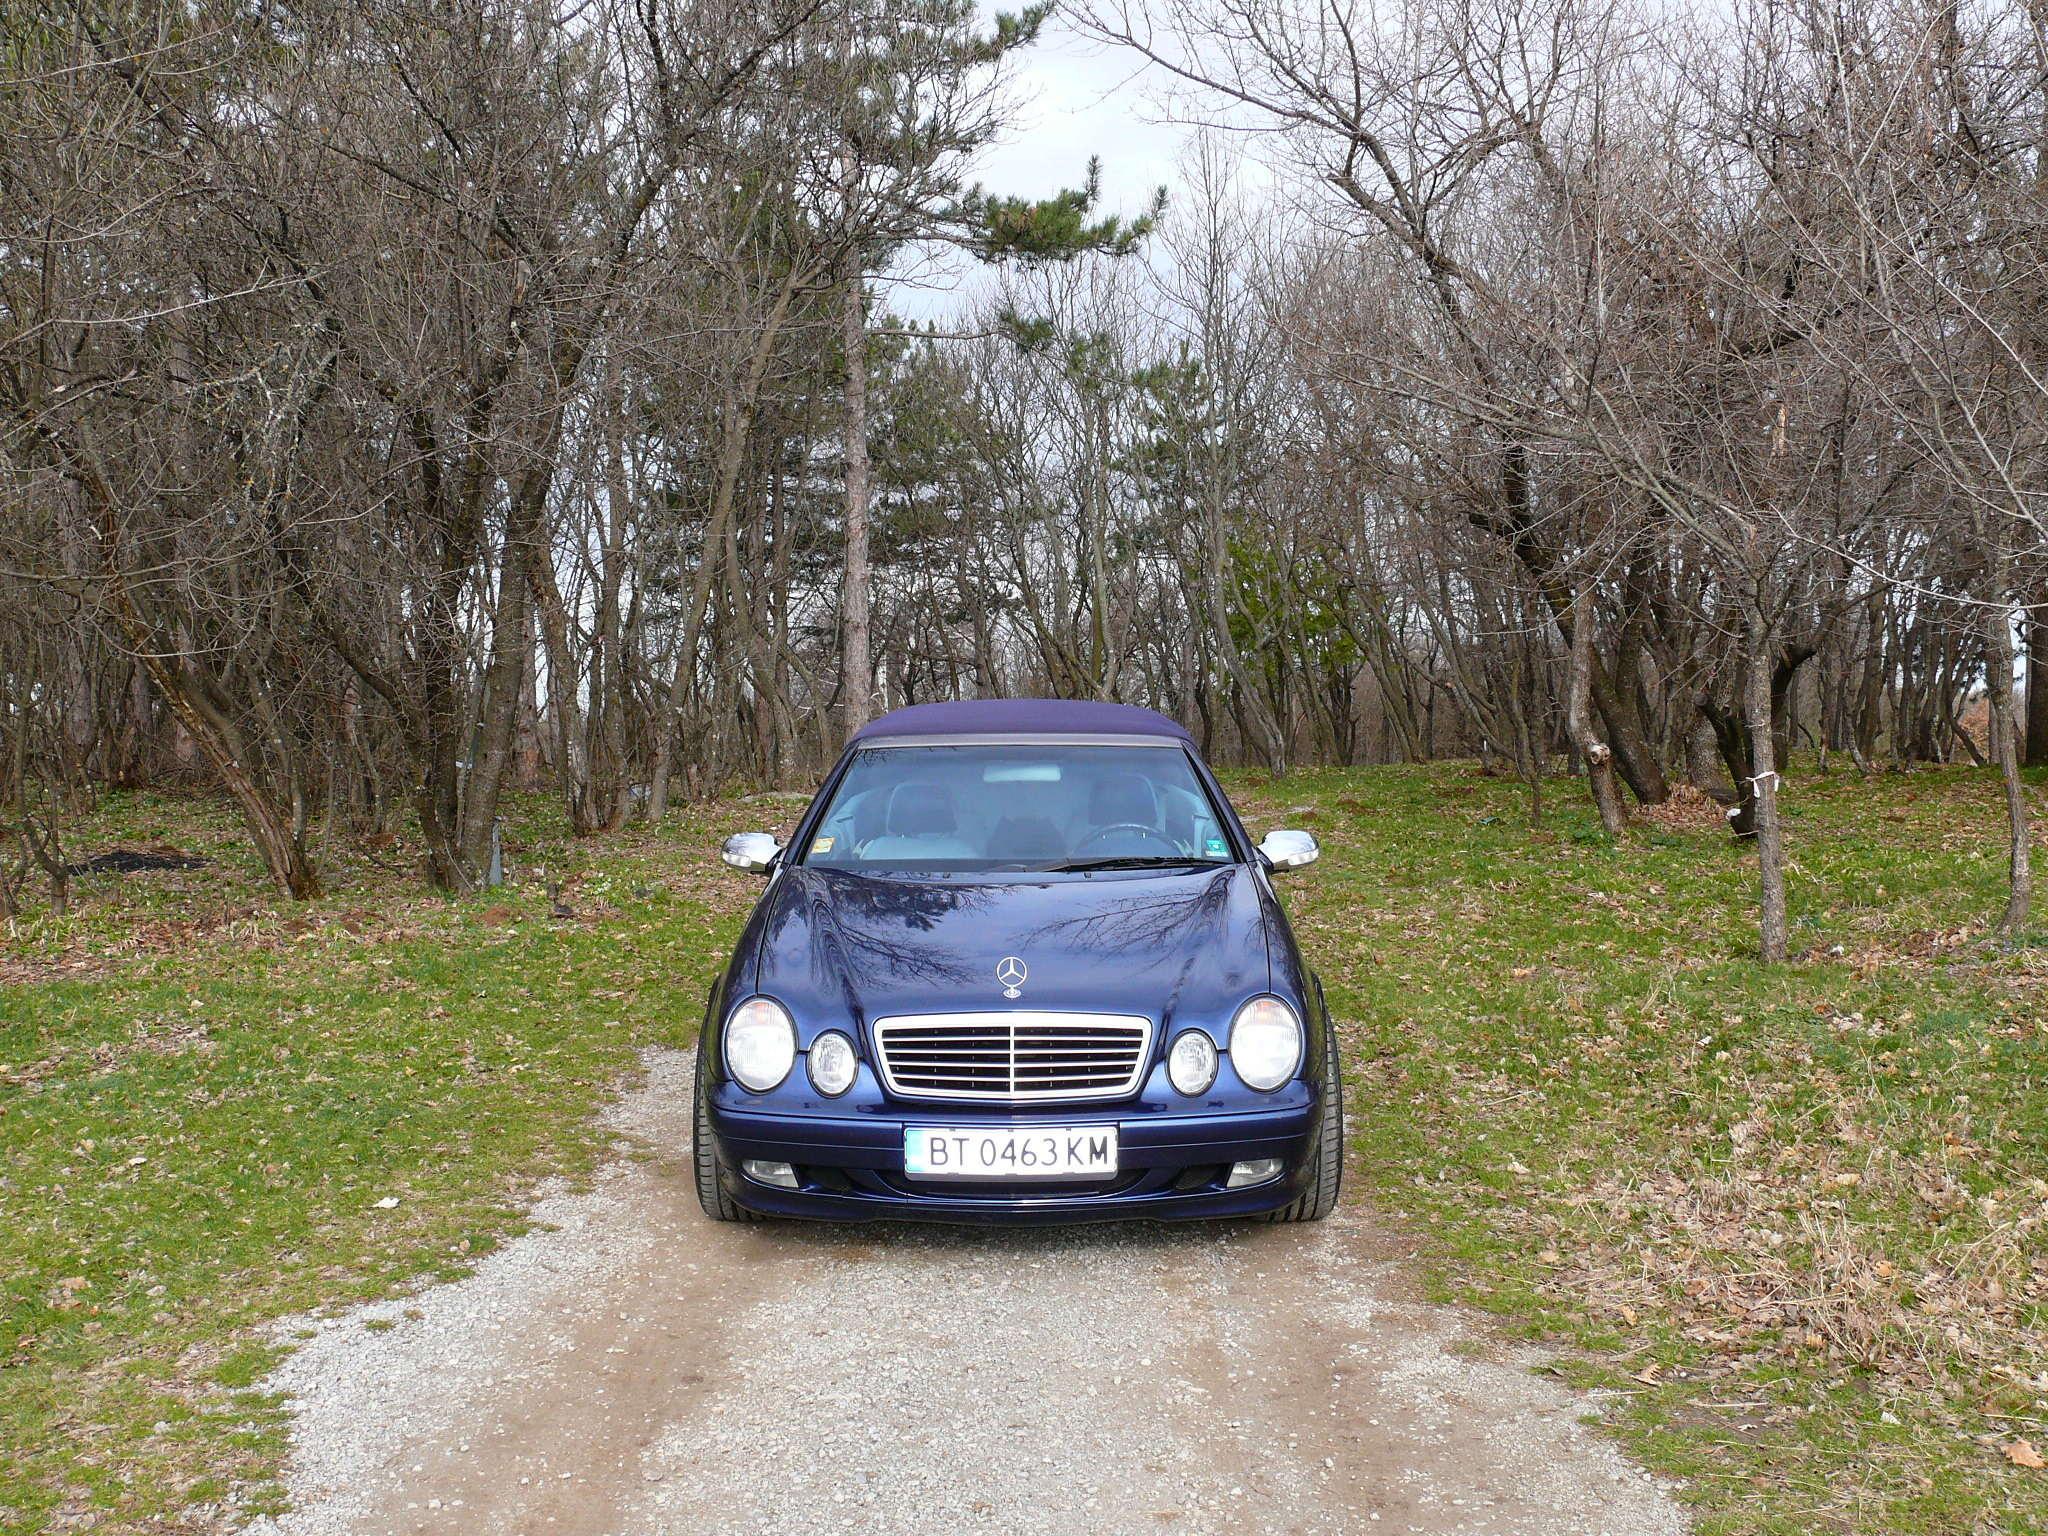 Mes voitures en photos STIHLMI16 ® - Page 12 P1060516